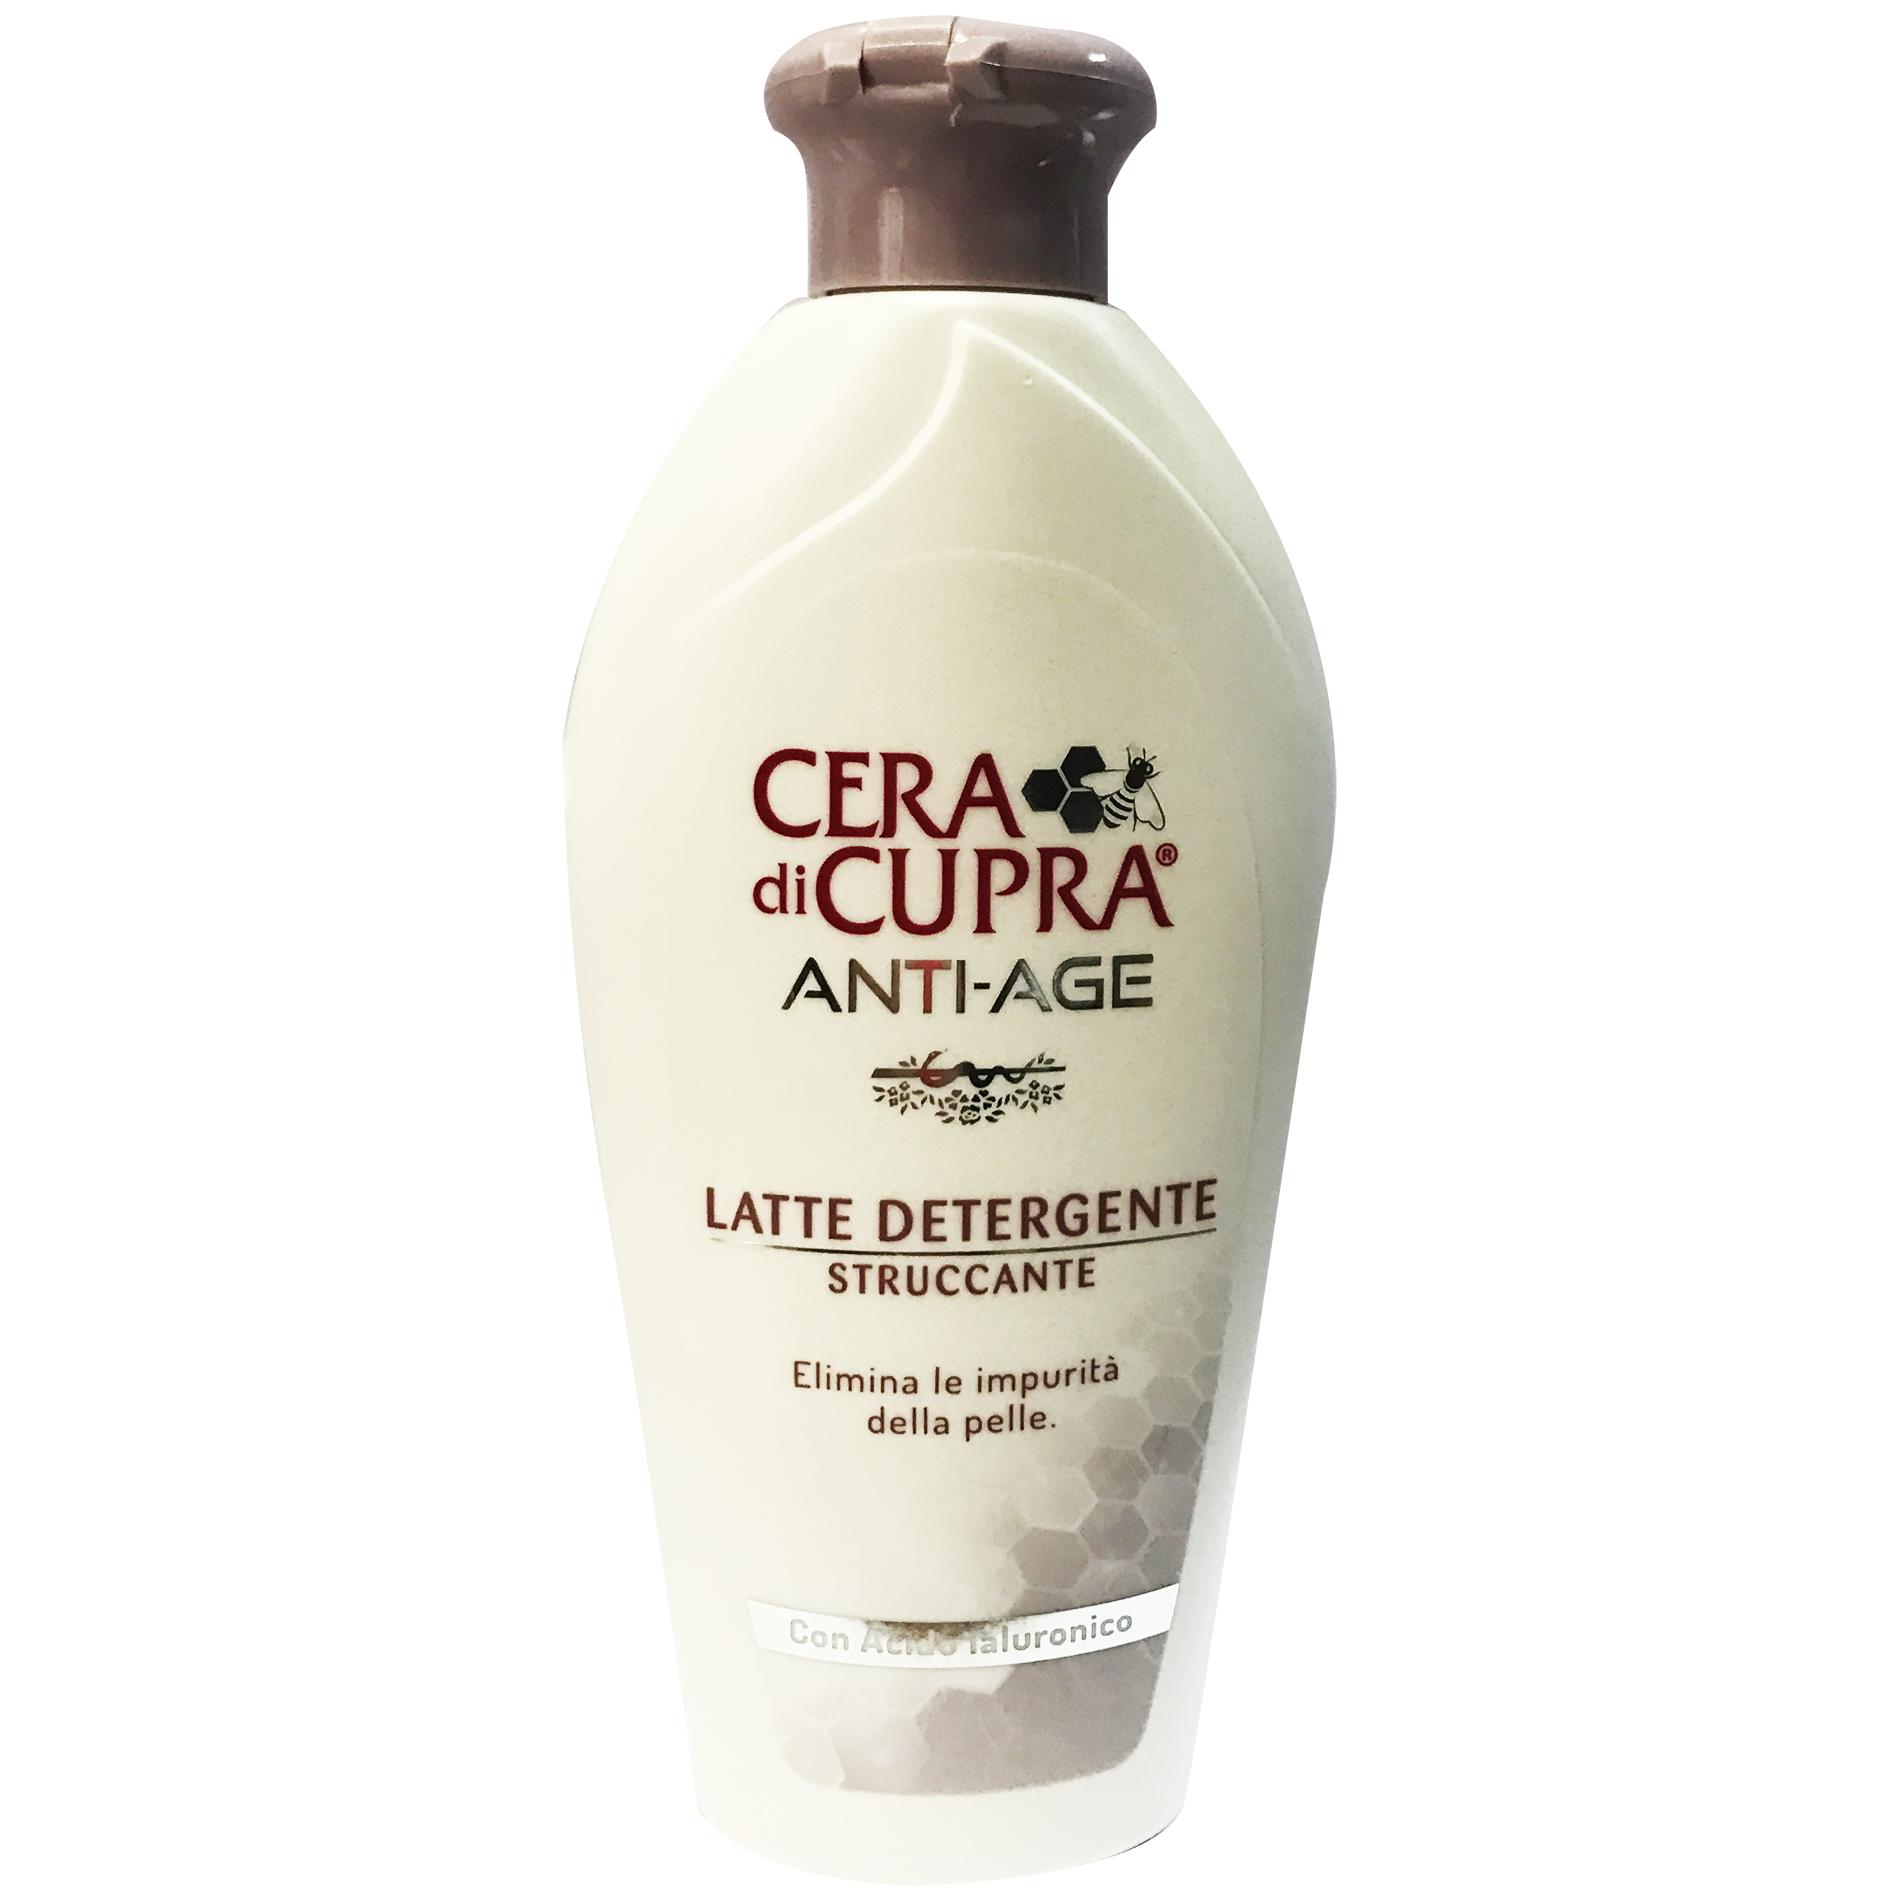 Cera di Cupra Anti-Age Latte Detergente ΚαθαριστικόΑντιγηραντικό Γαλάκτωμα Προσώπου 200ml